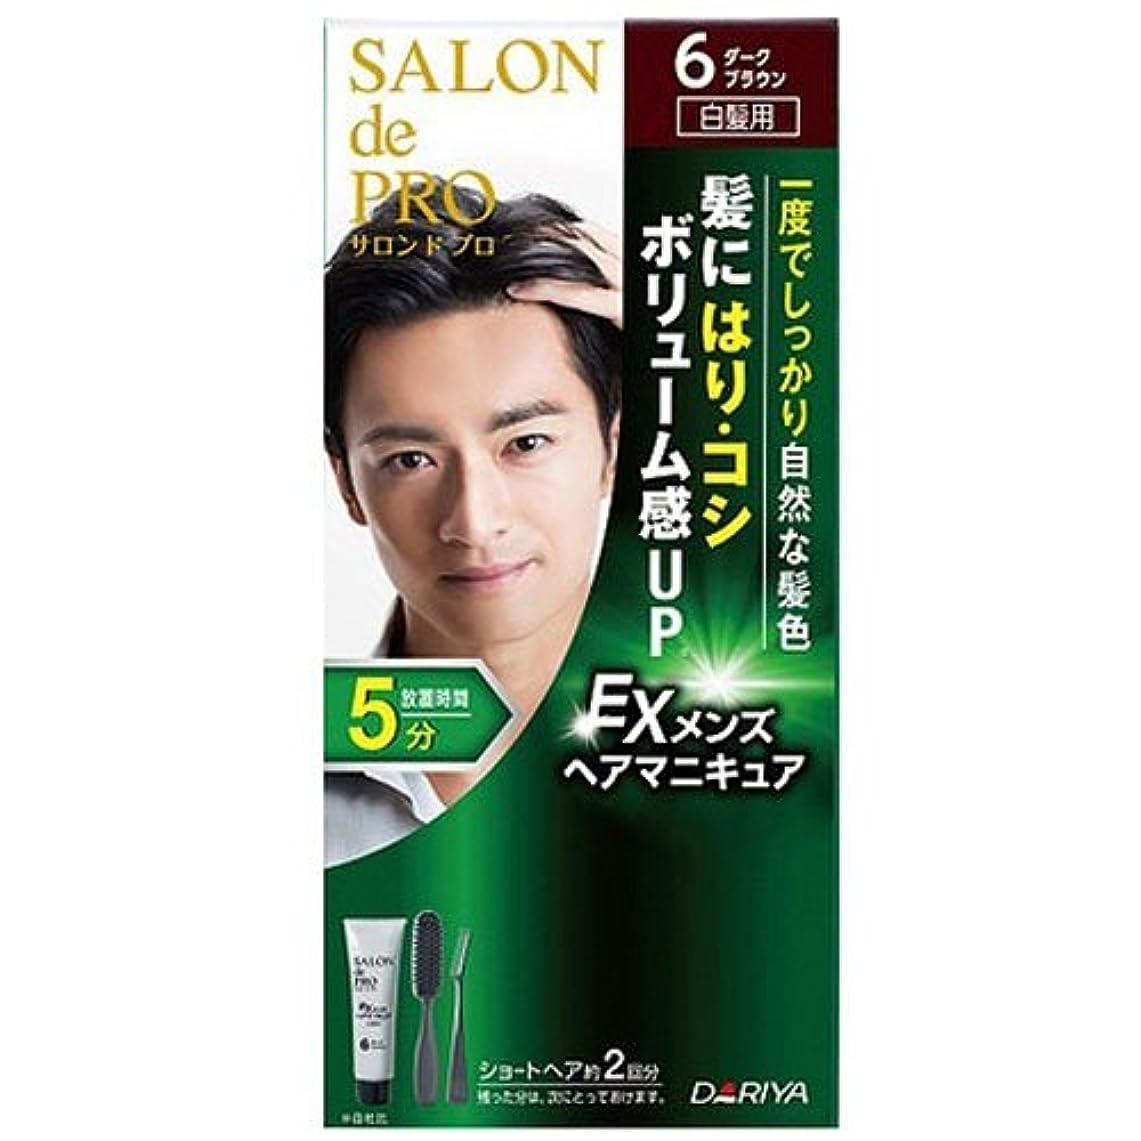 さびた州吸収するサロンドプロ EXメンズヘアマニキュア 白髪用 6 ダークブラウン